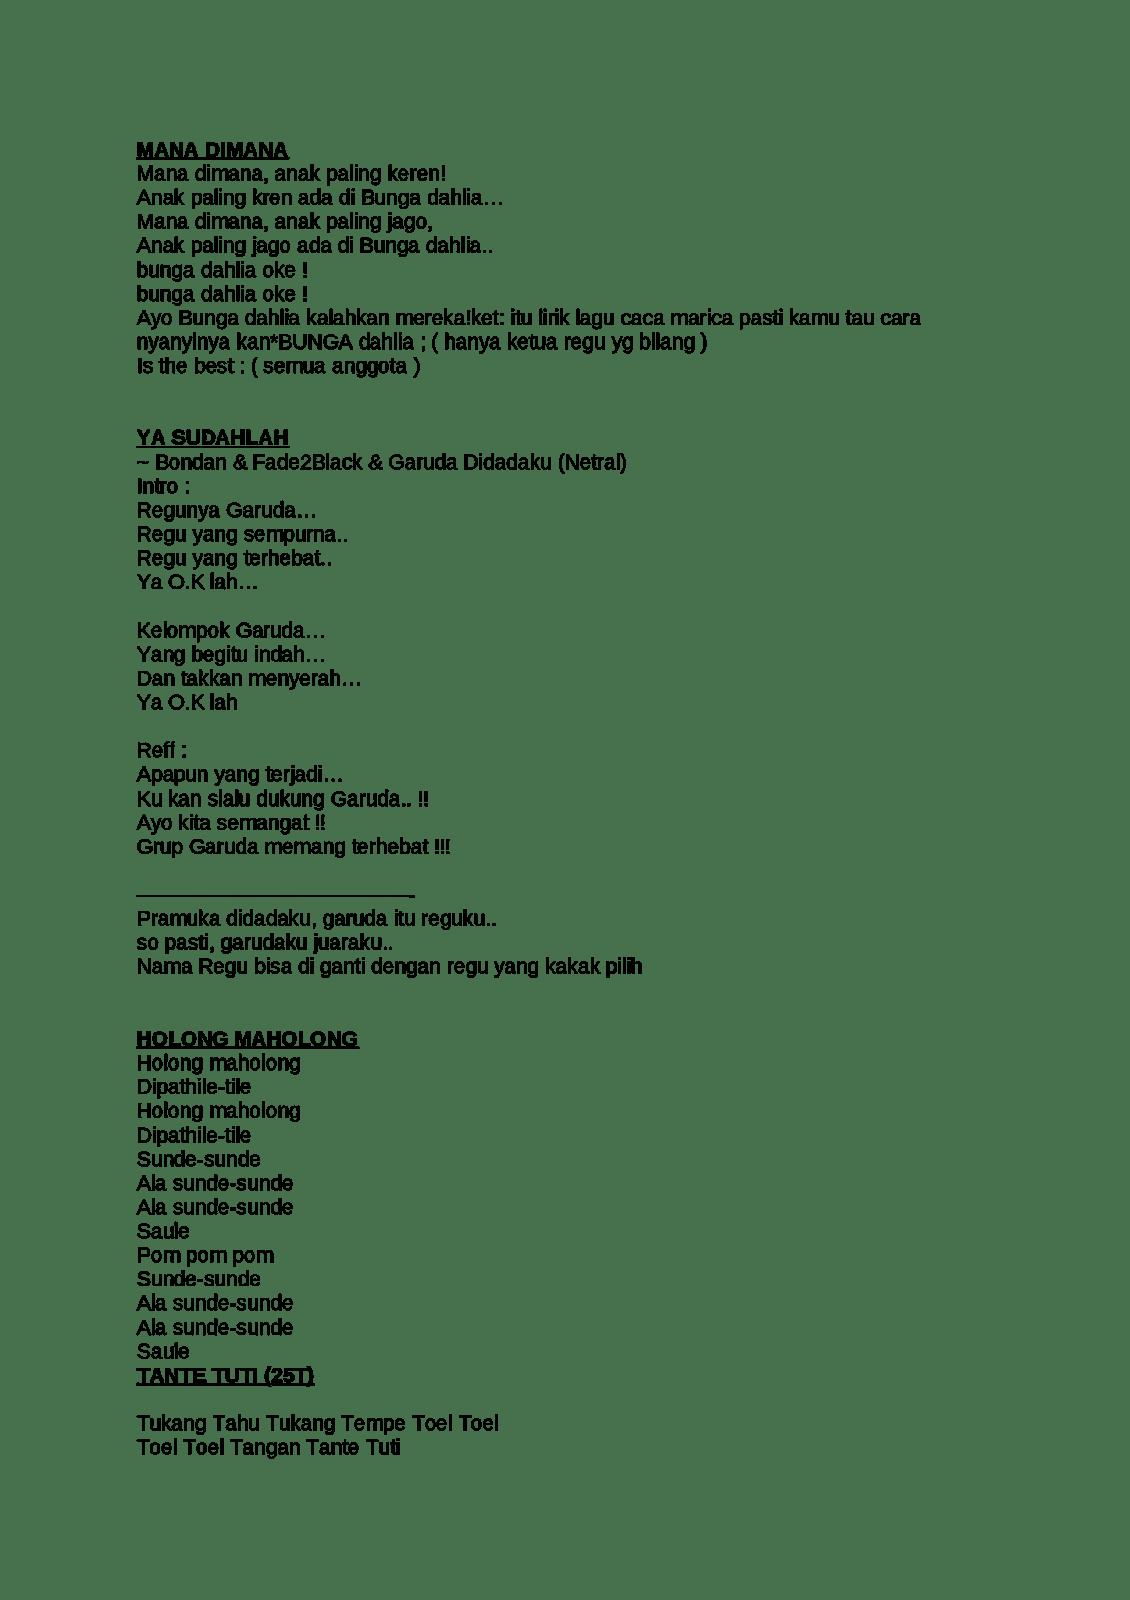 Contoh Lirik Yel Yel Lucu : contoh, lirik, Kelompok